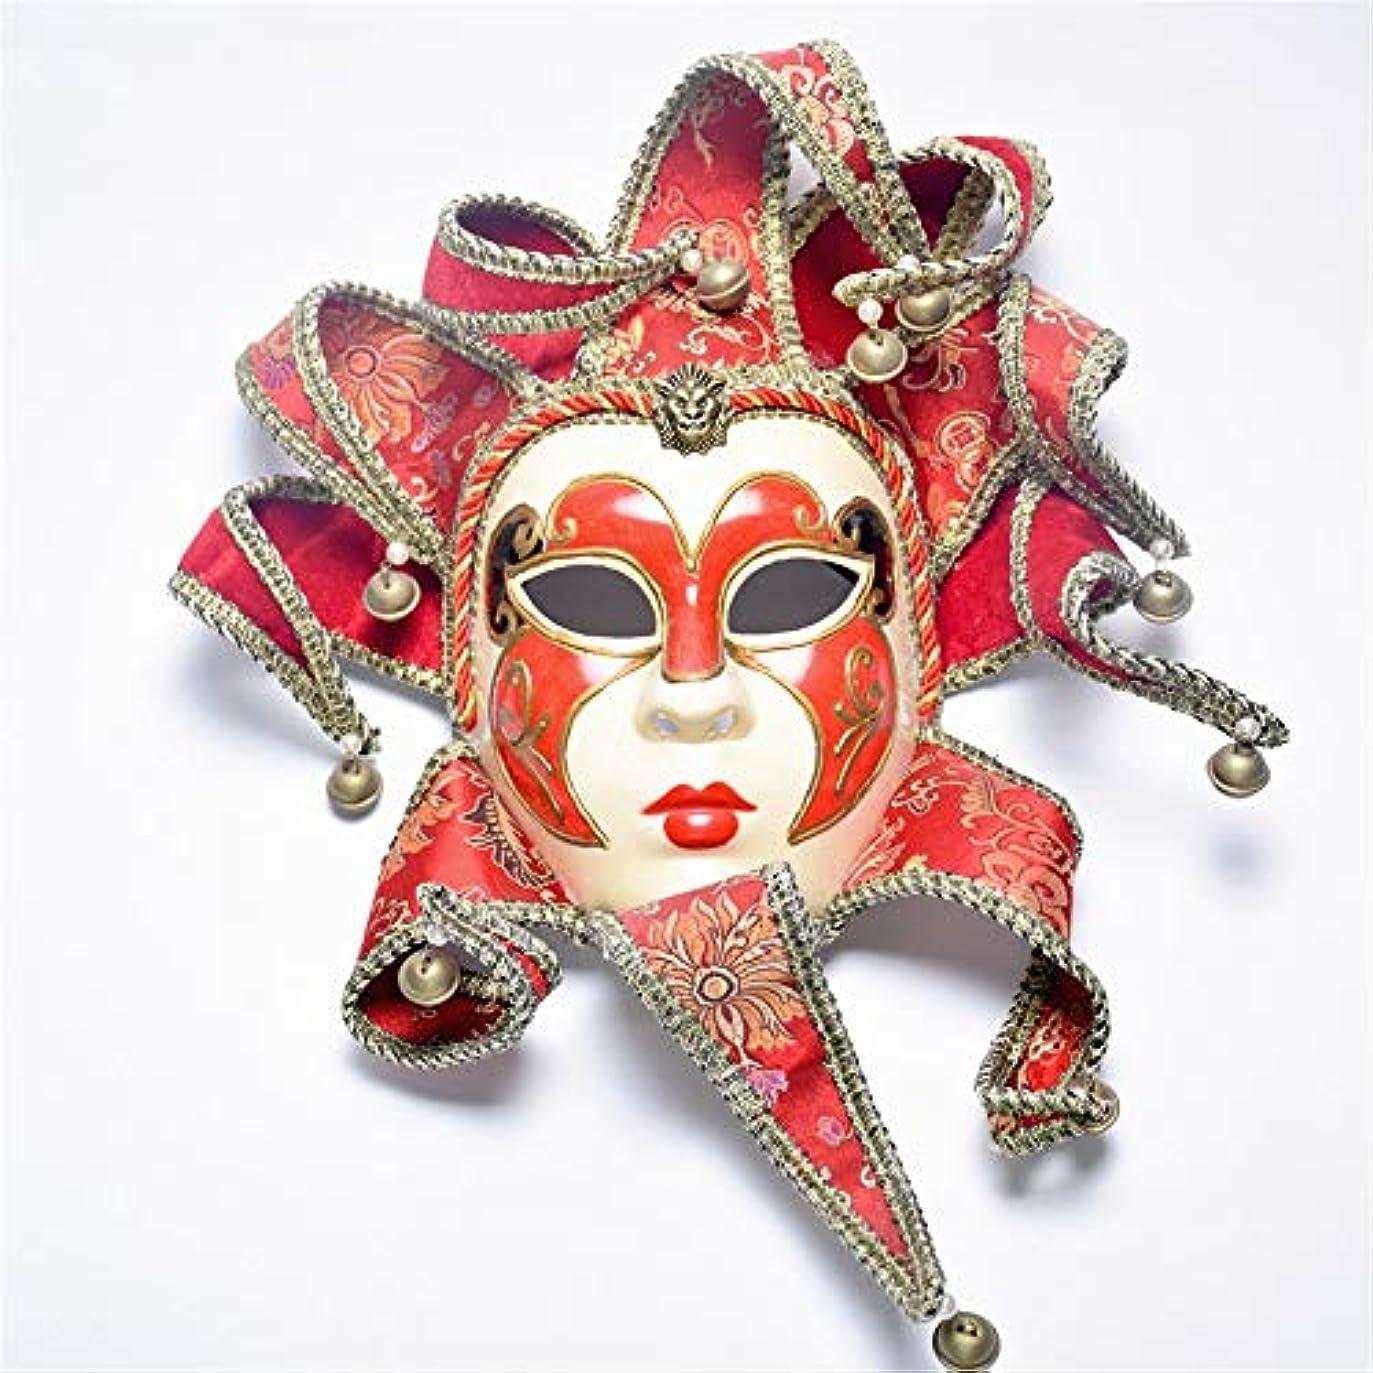 ミルク効能ある解明ダンスマスク フルフェイスマスク高級パーティーベルマスク女性マスククリスマスフェスティバルロールプレイングプラスチックマスク ホリデーパーティー用品 (色 : 赤, サイズ : 49x29cm)